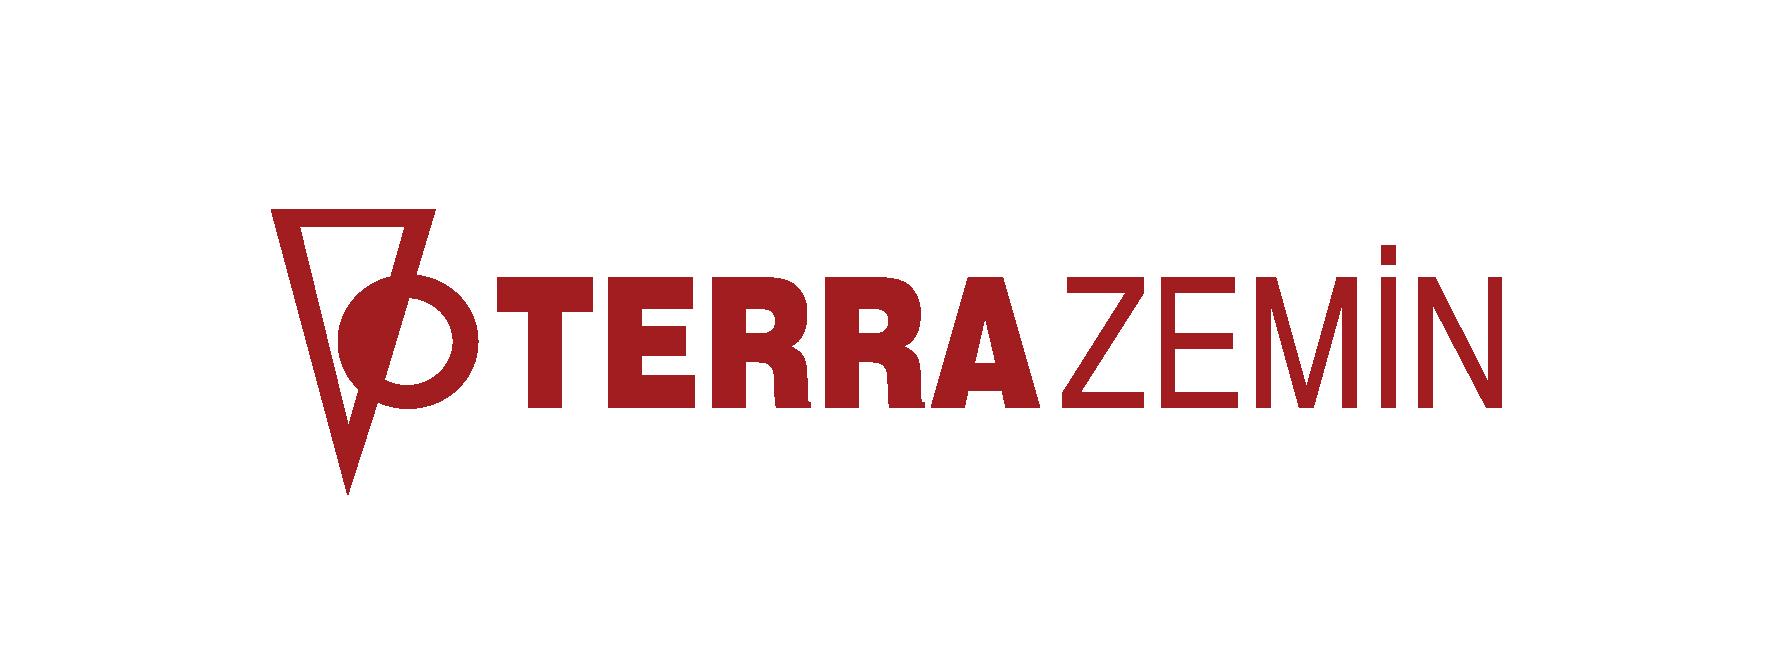 terra zemin